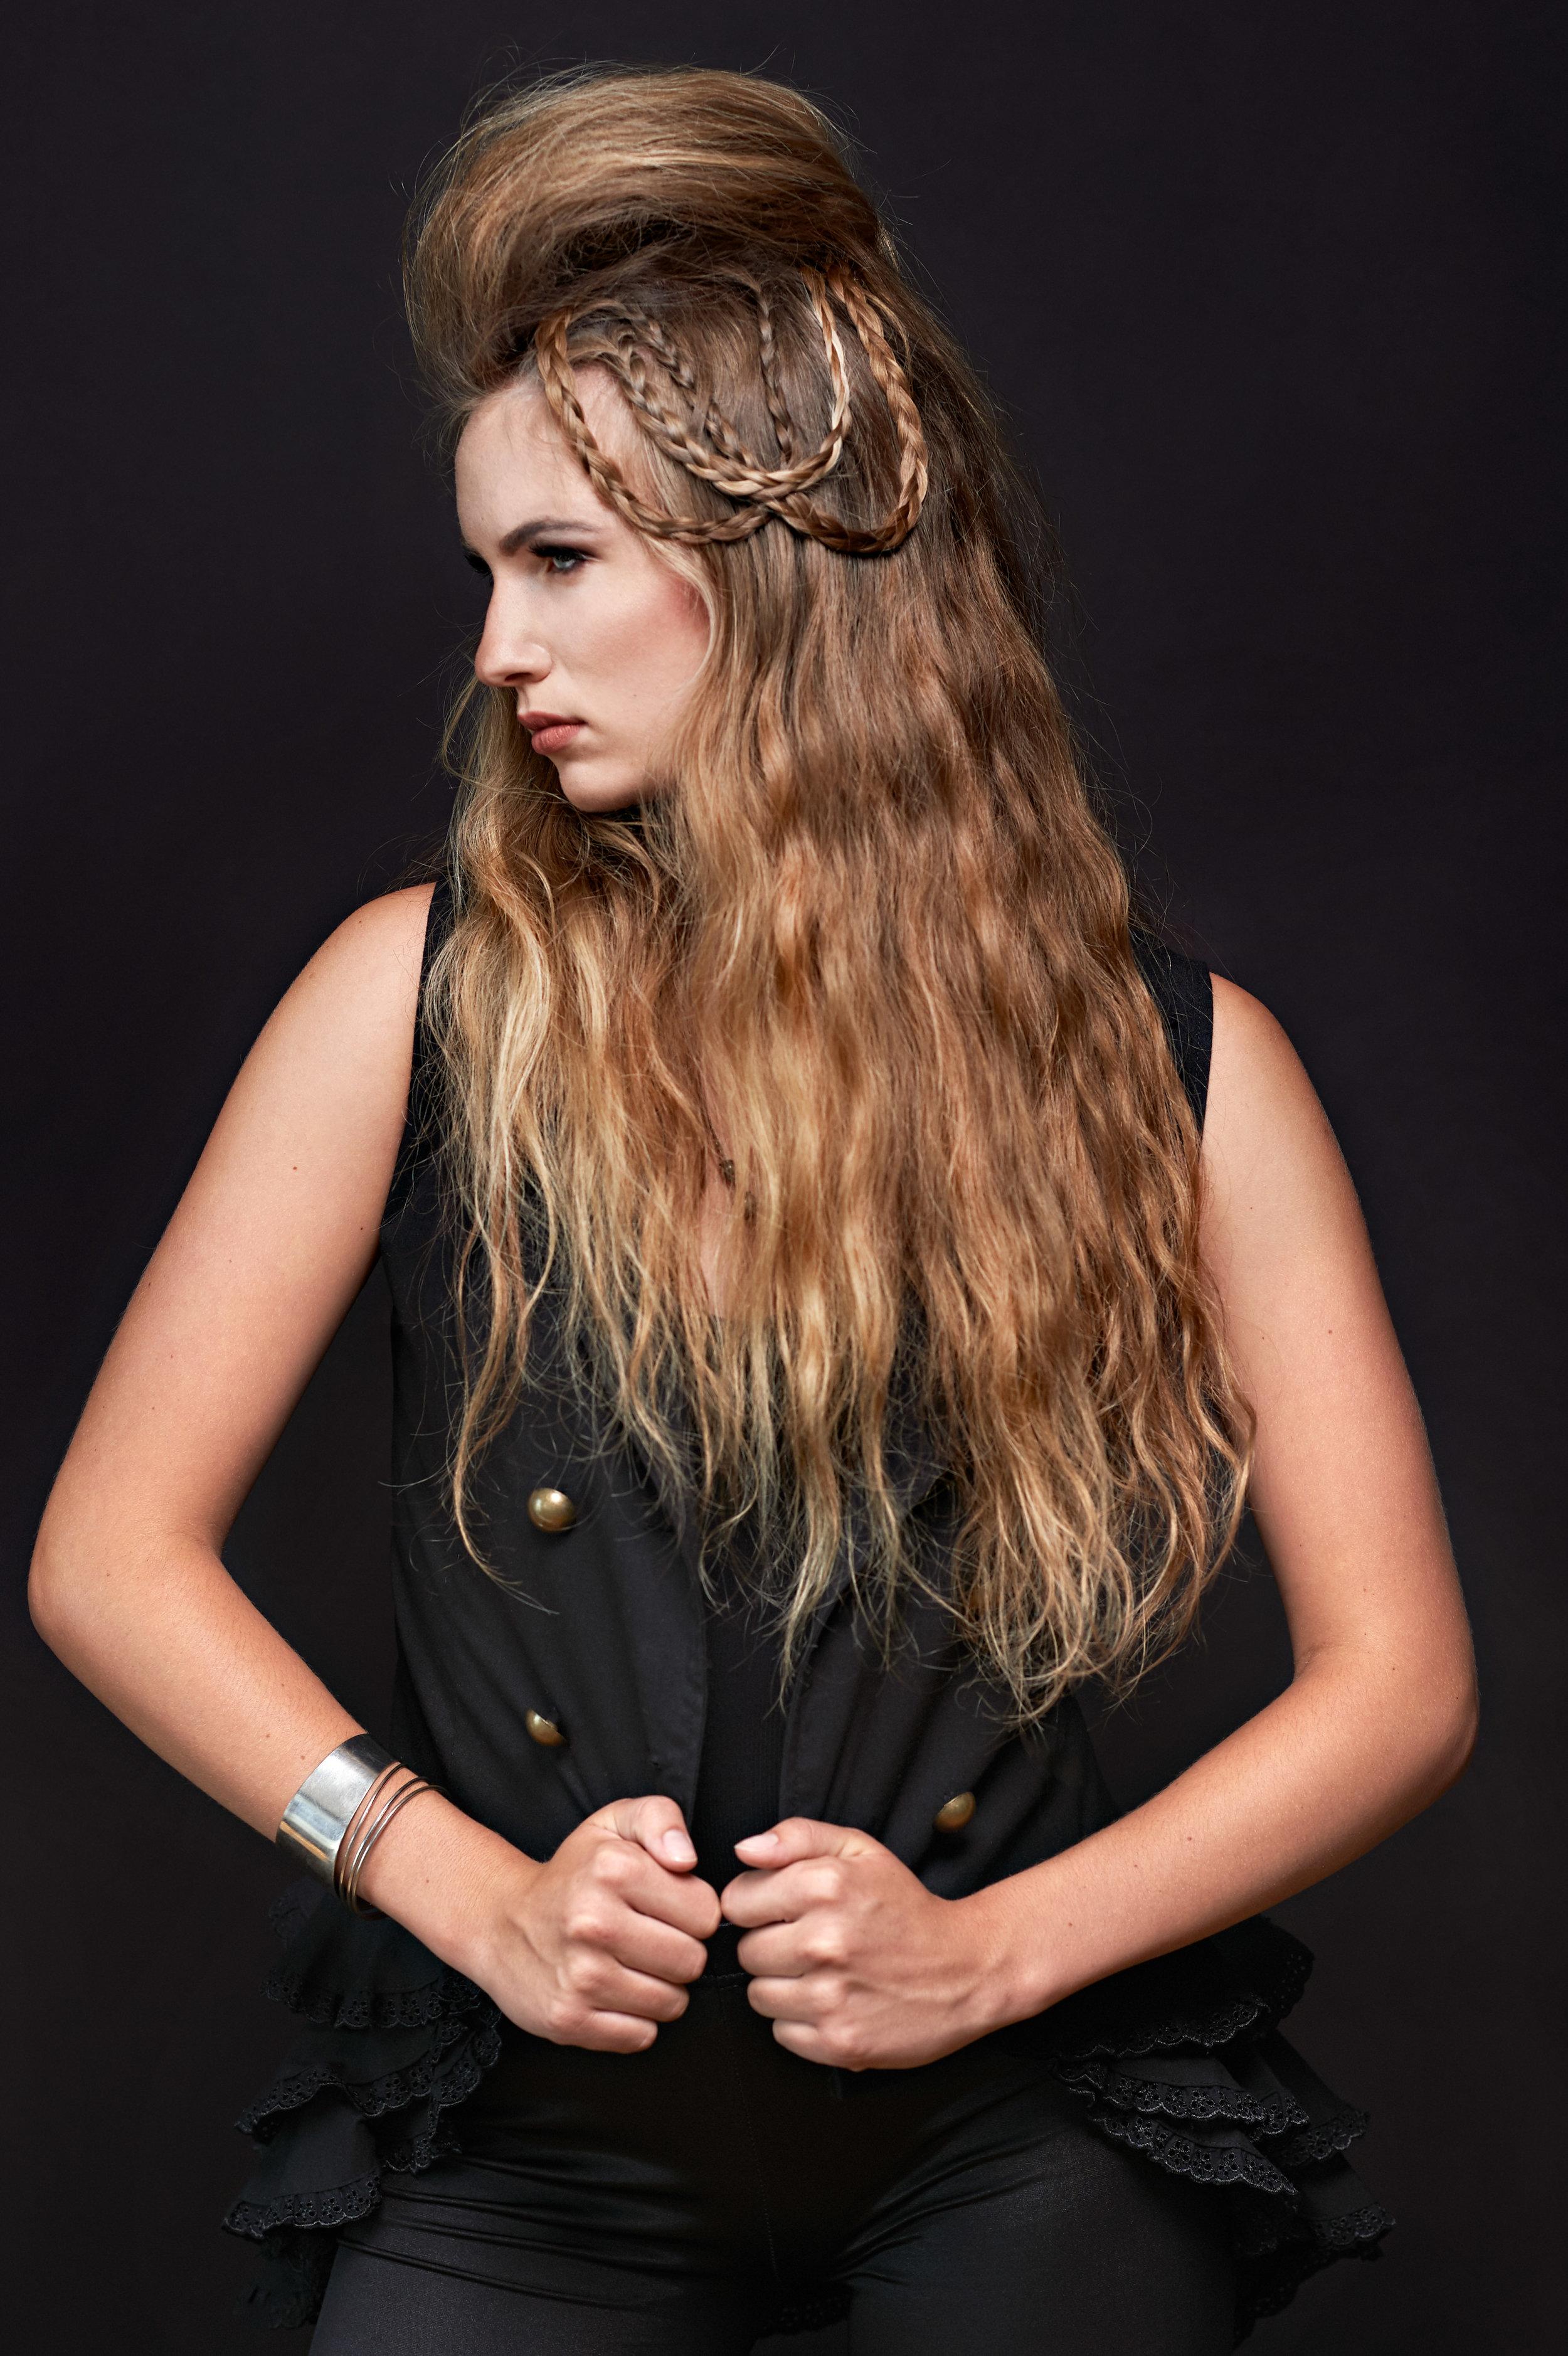 Marta-Hewson-Zoe-Stanicak-Model-Shoot-2563.jpg